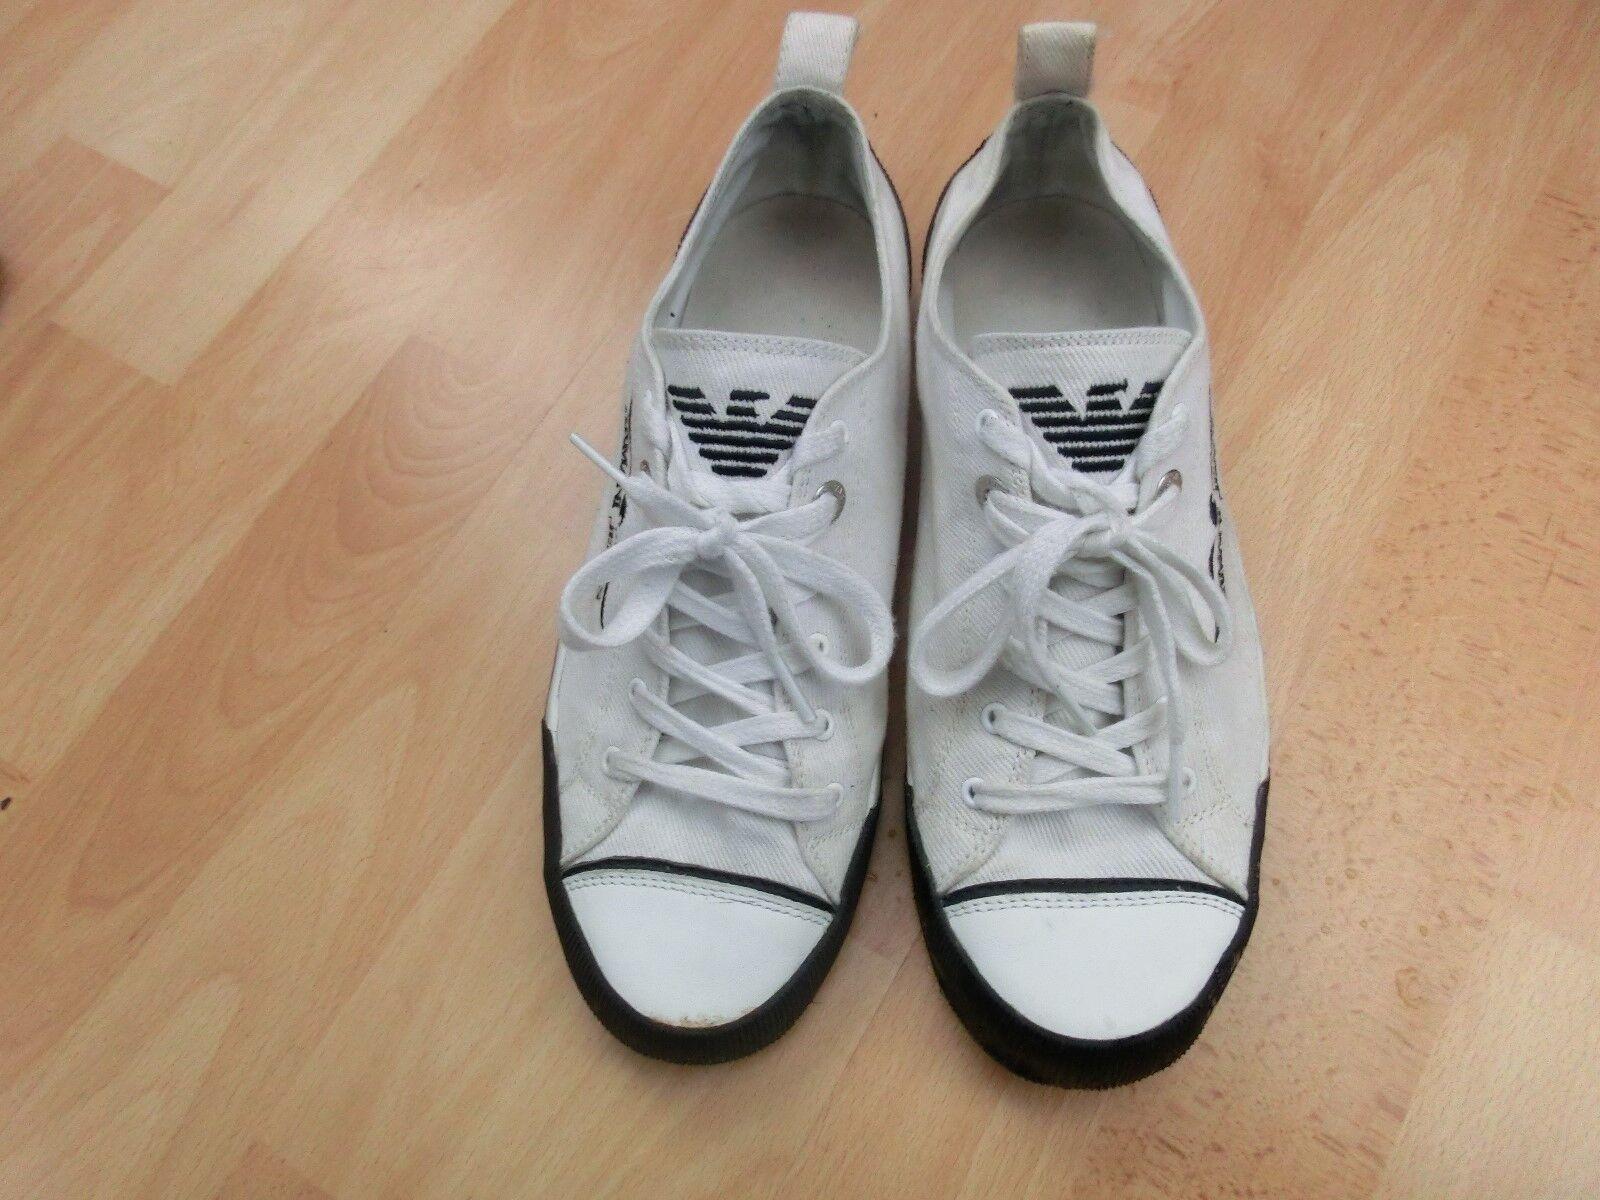 Armani Jeans Sneaker Sneaker Sneaker Turnschuhe Herren Trendfarbe weiß - Gr.41 b64c51